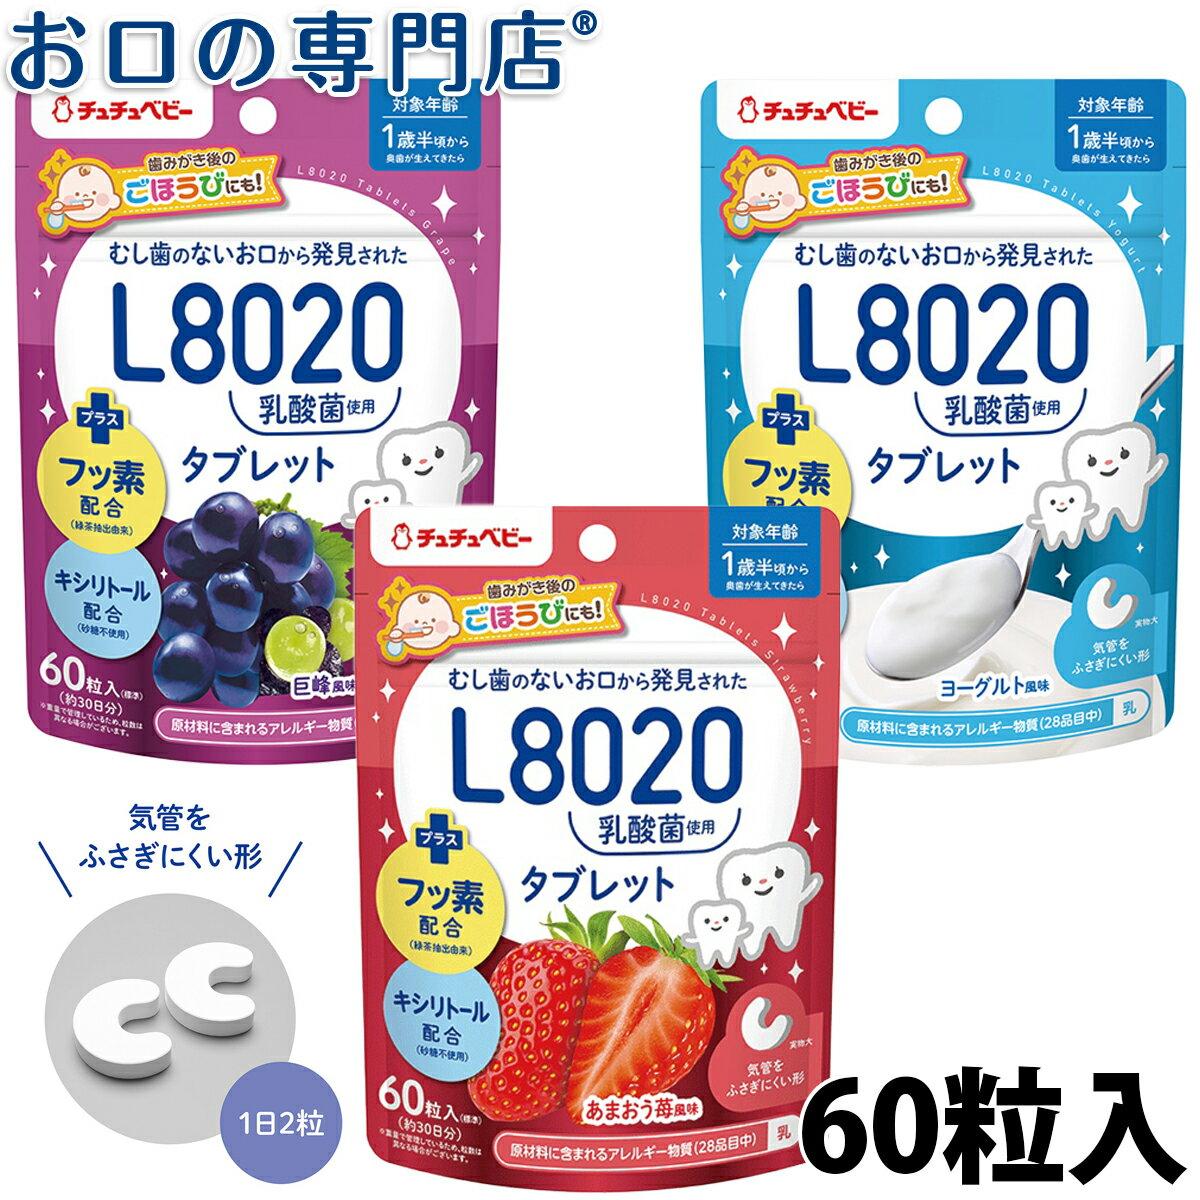 【あす楽】【学校歯科保健用品】チュチュベビー L8020乳酸菌タブレット 90粒入【メール便OK】